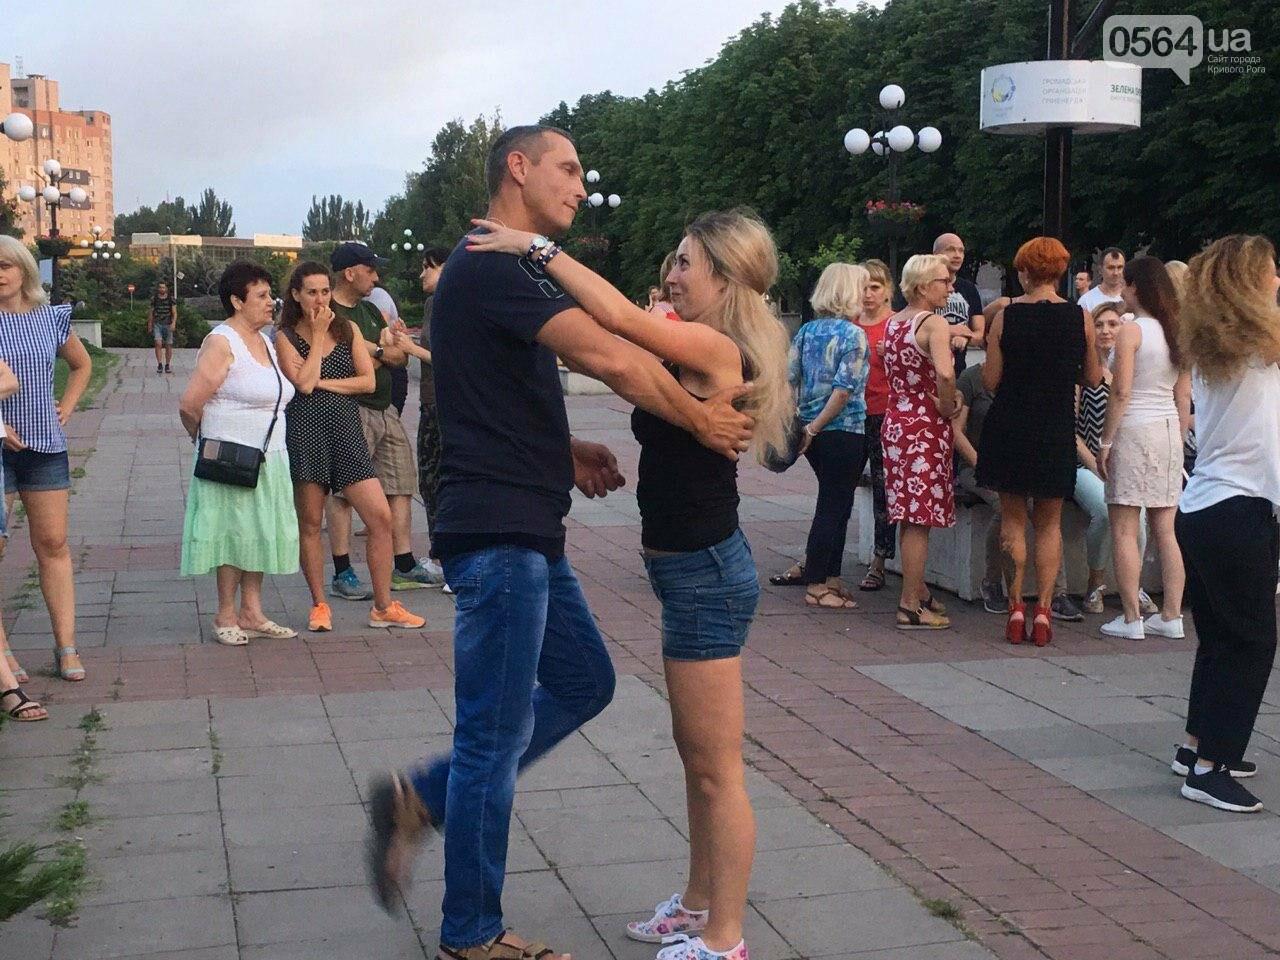 Сальса, бачата, кизомба: в центре города танцоры провели мастер-класс для криворожан, - ФОТО, ВИДЕО , фото-2